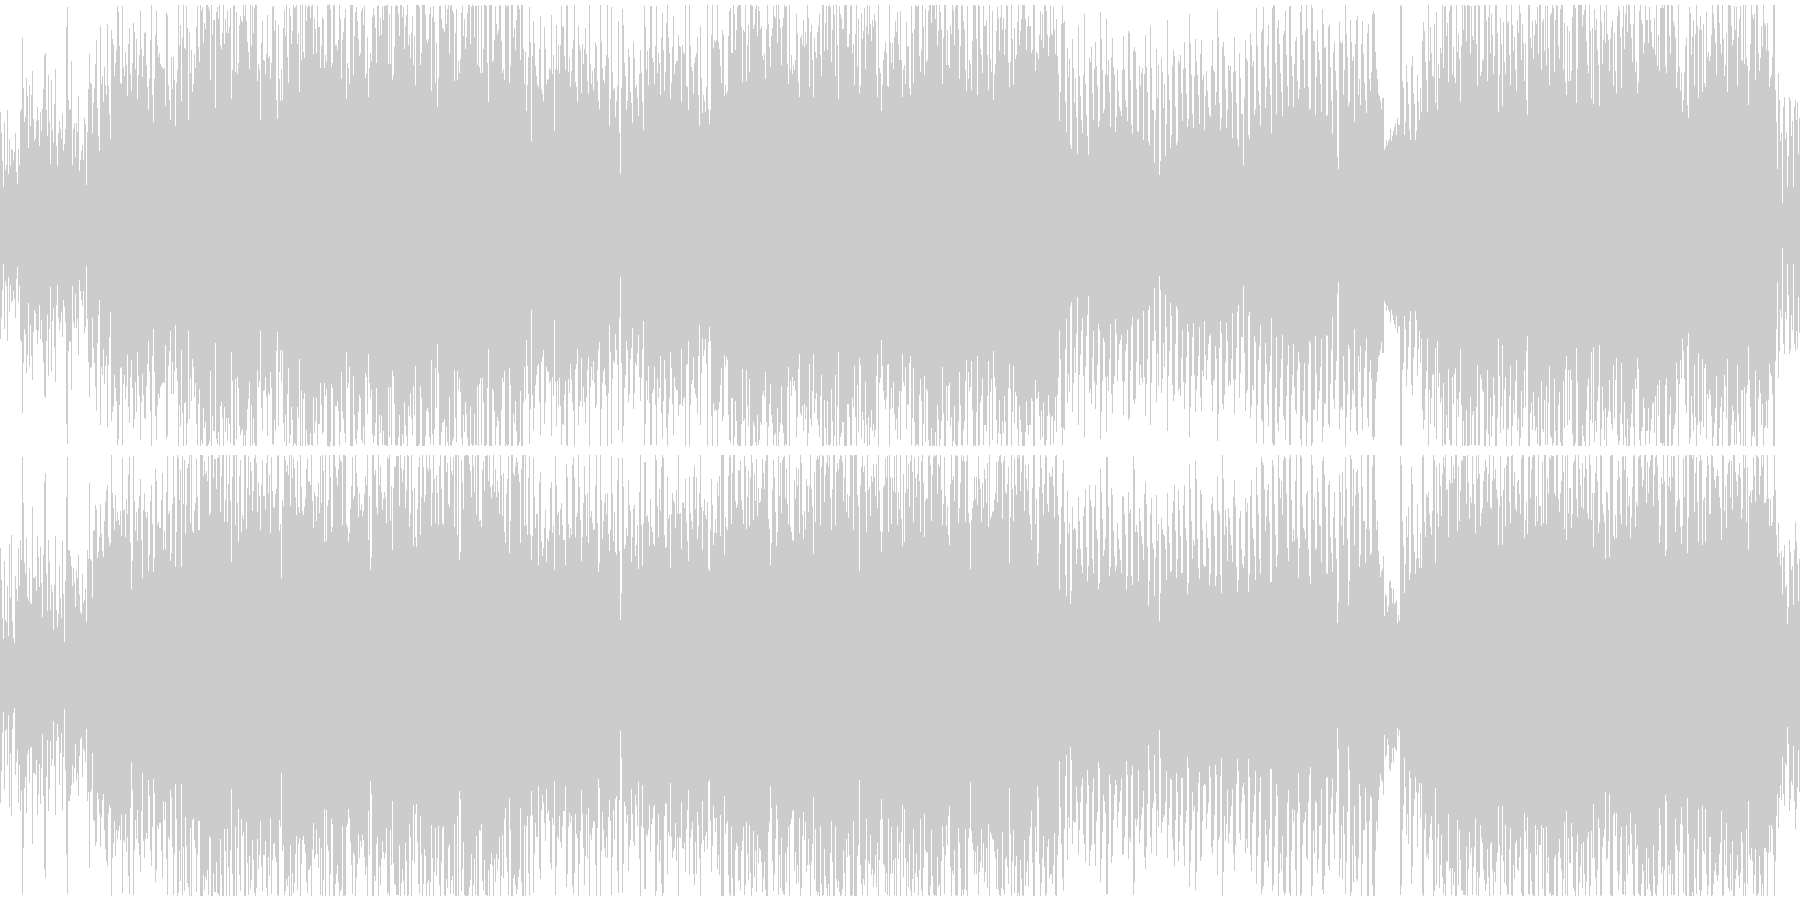 ループ ギターとシンセサイザのリフの未再生の波形